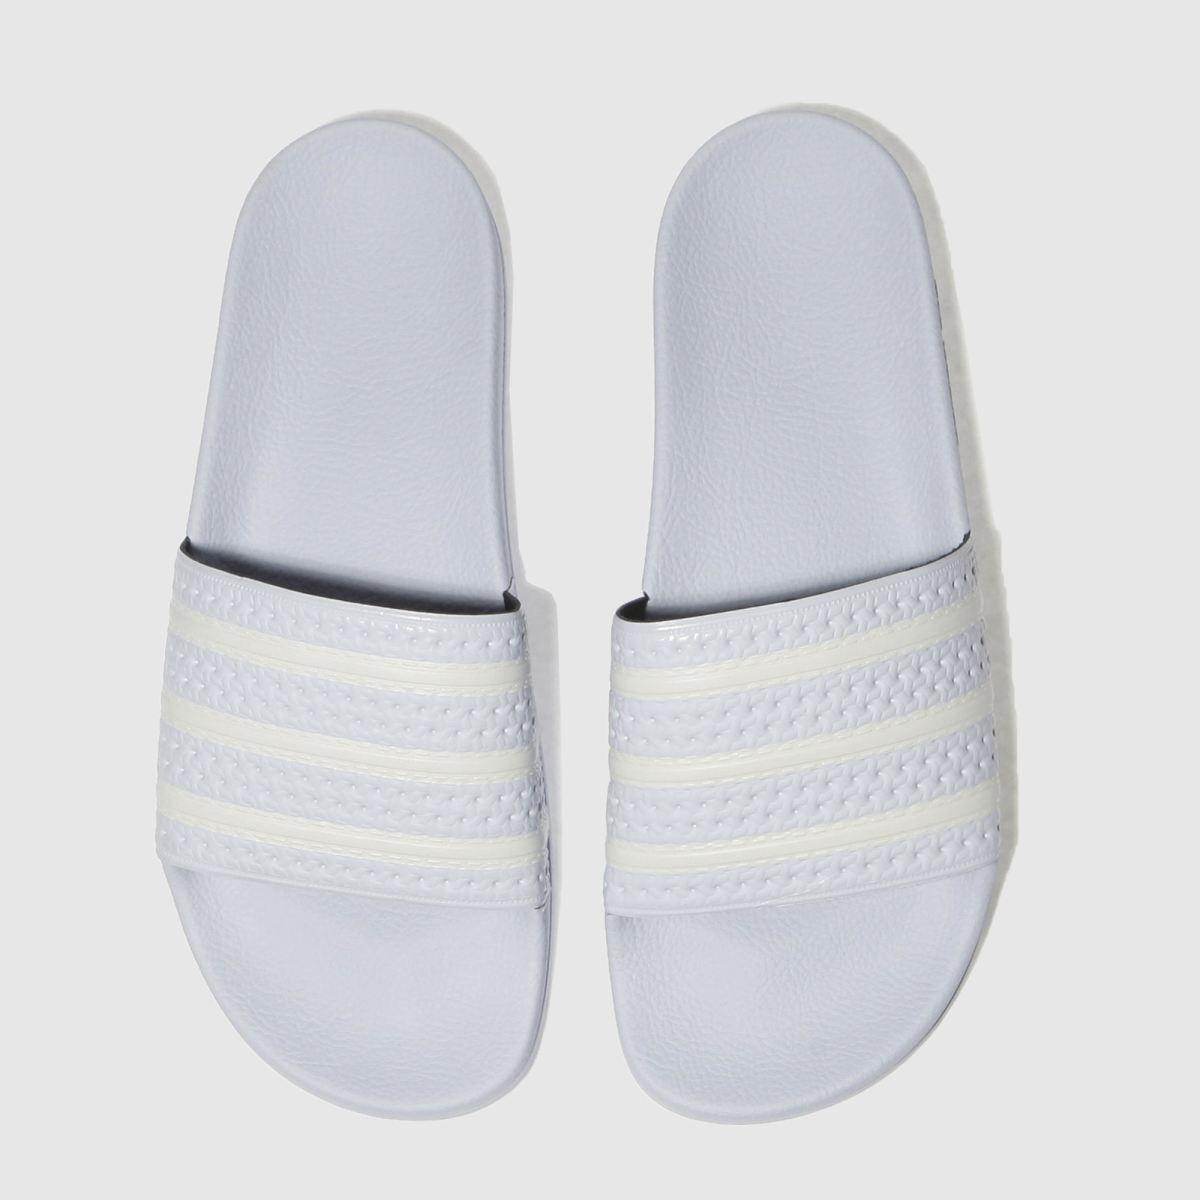 Adidas Pale Blue Adilette Sandals